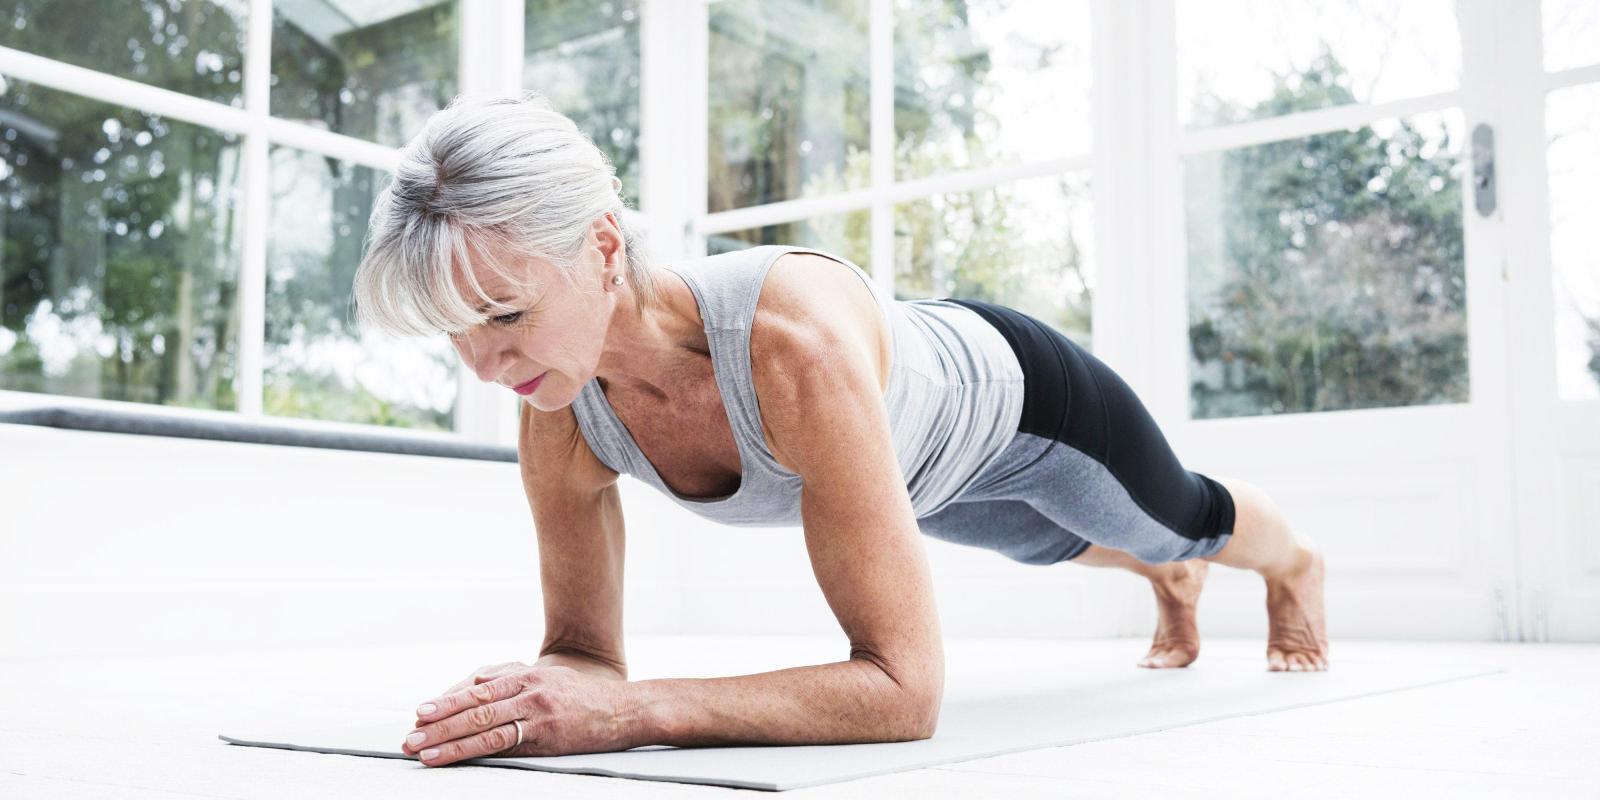 Как поддерживать физическую форму после 40 лет фото 1